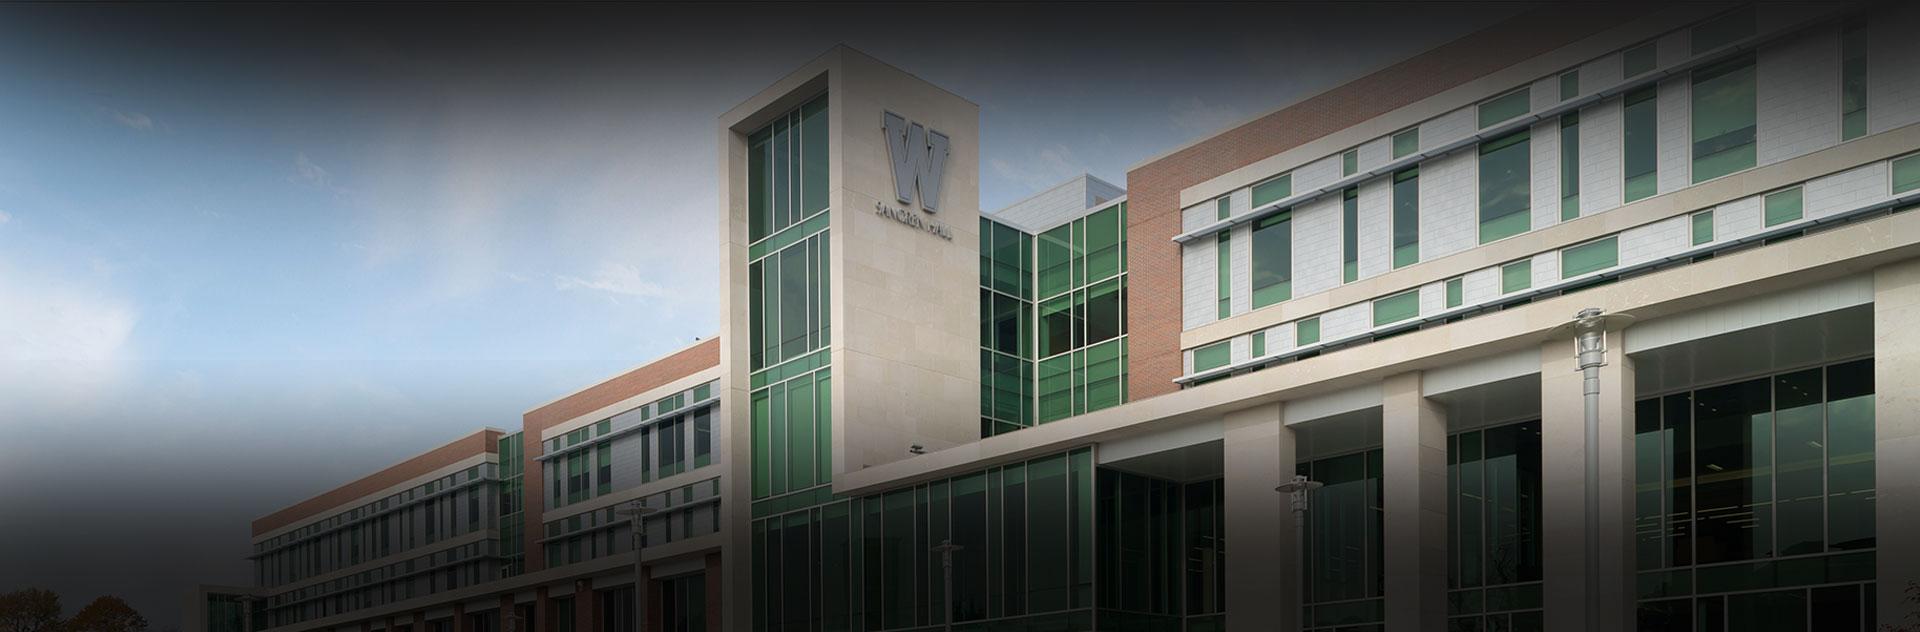 WMU-Sangren-Hall